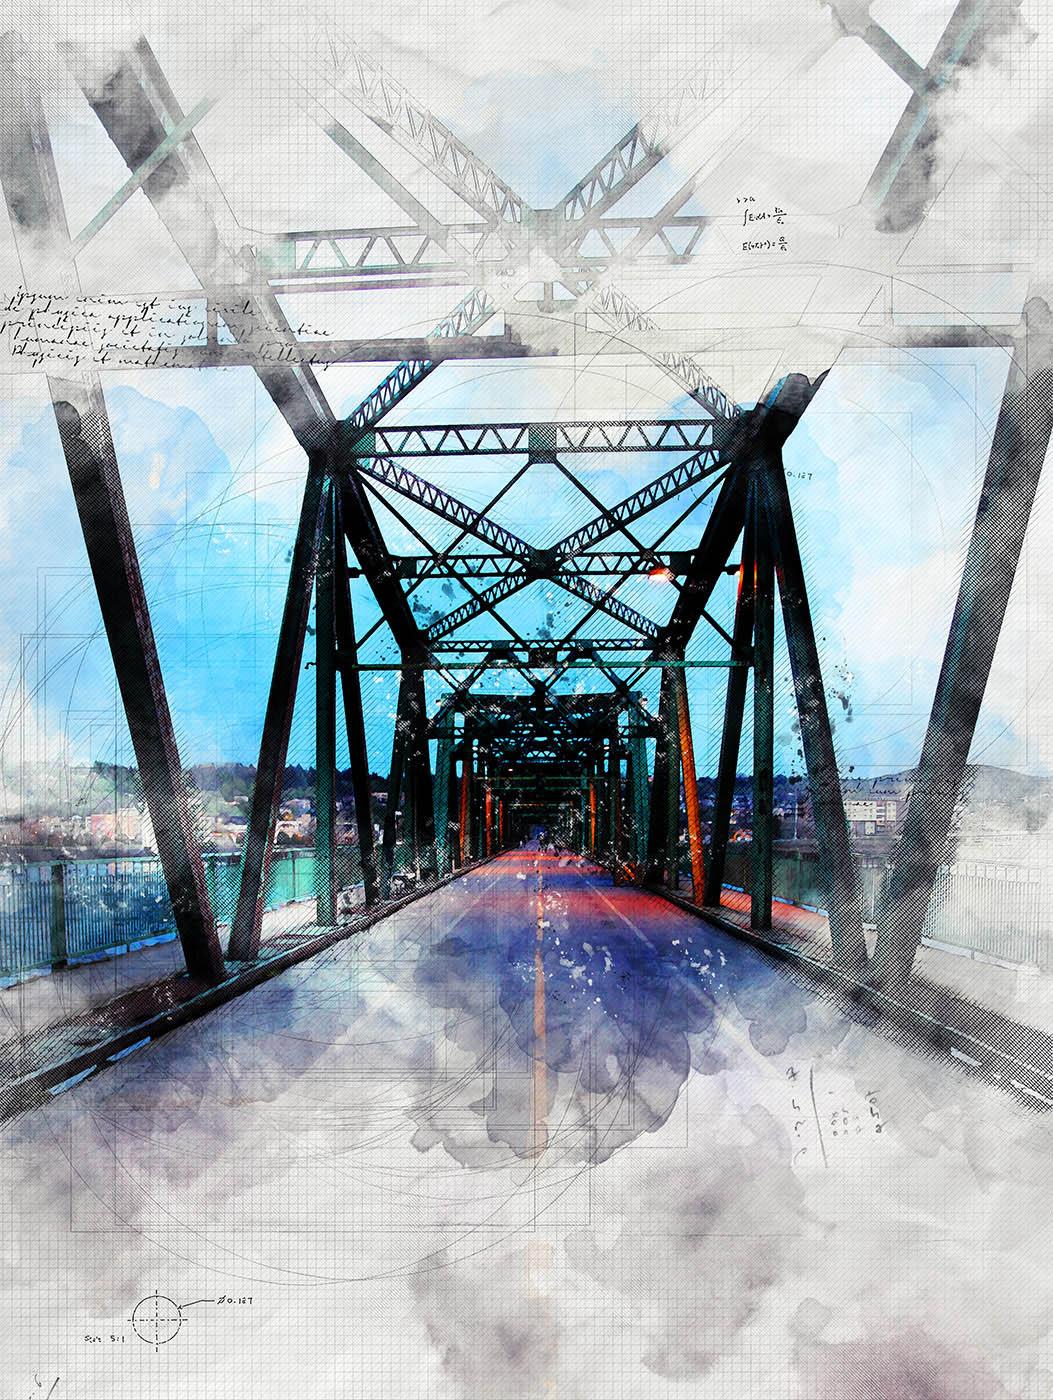 Image sketch du vieux pont de Saguenay - photo stock